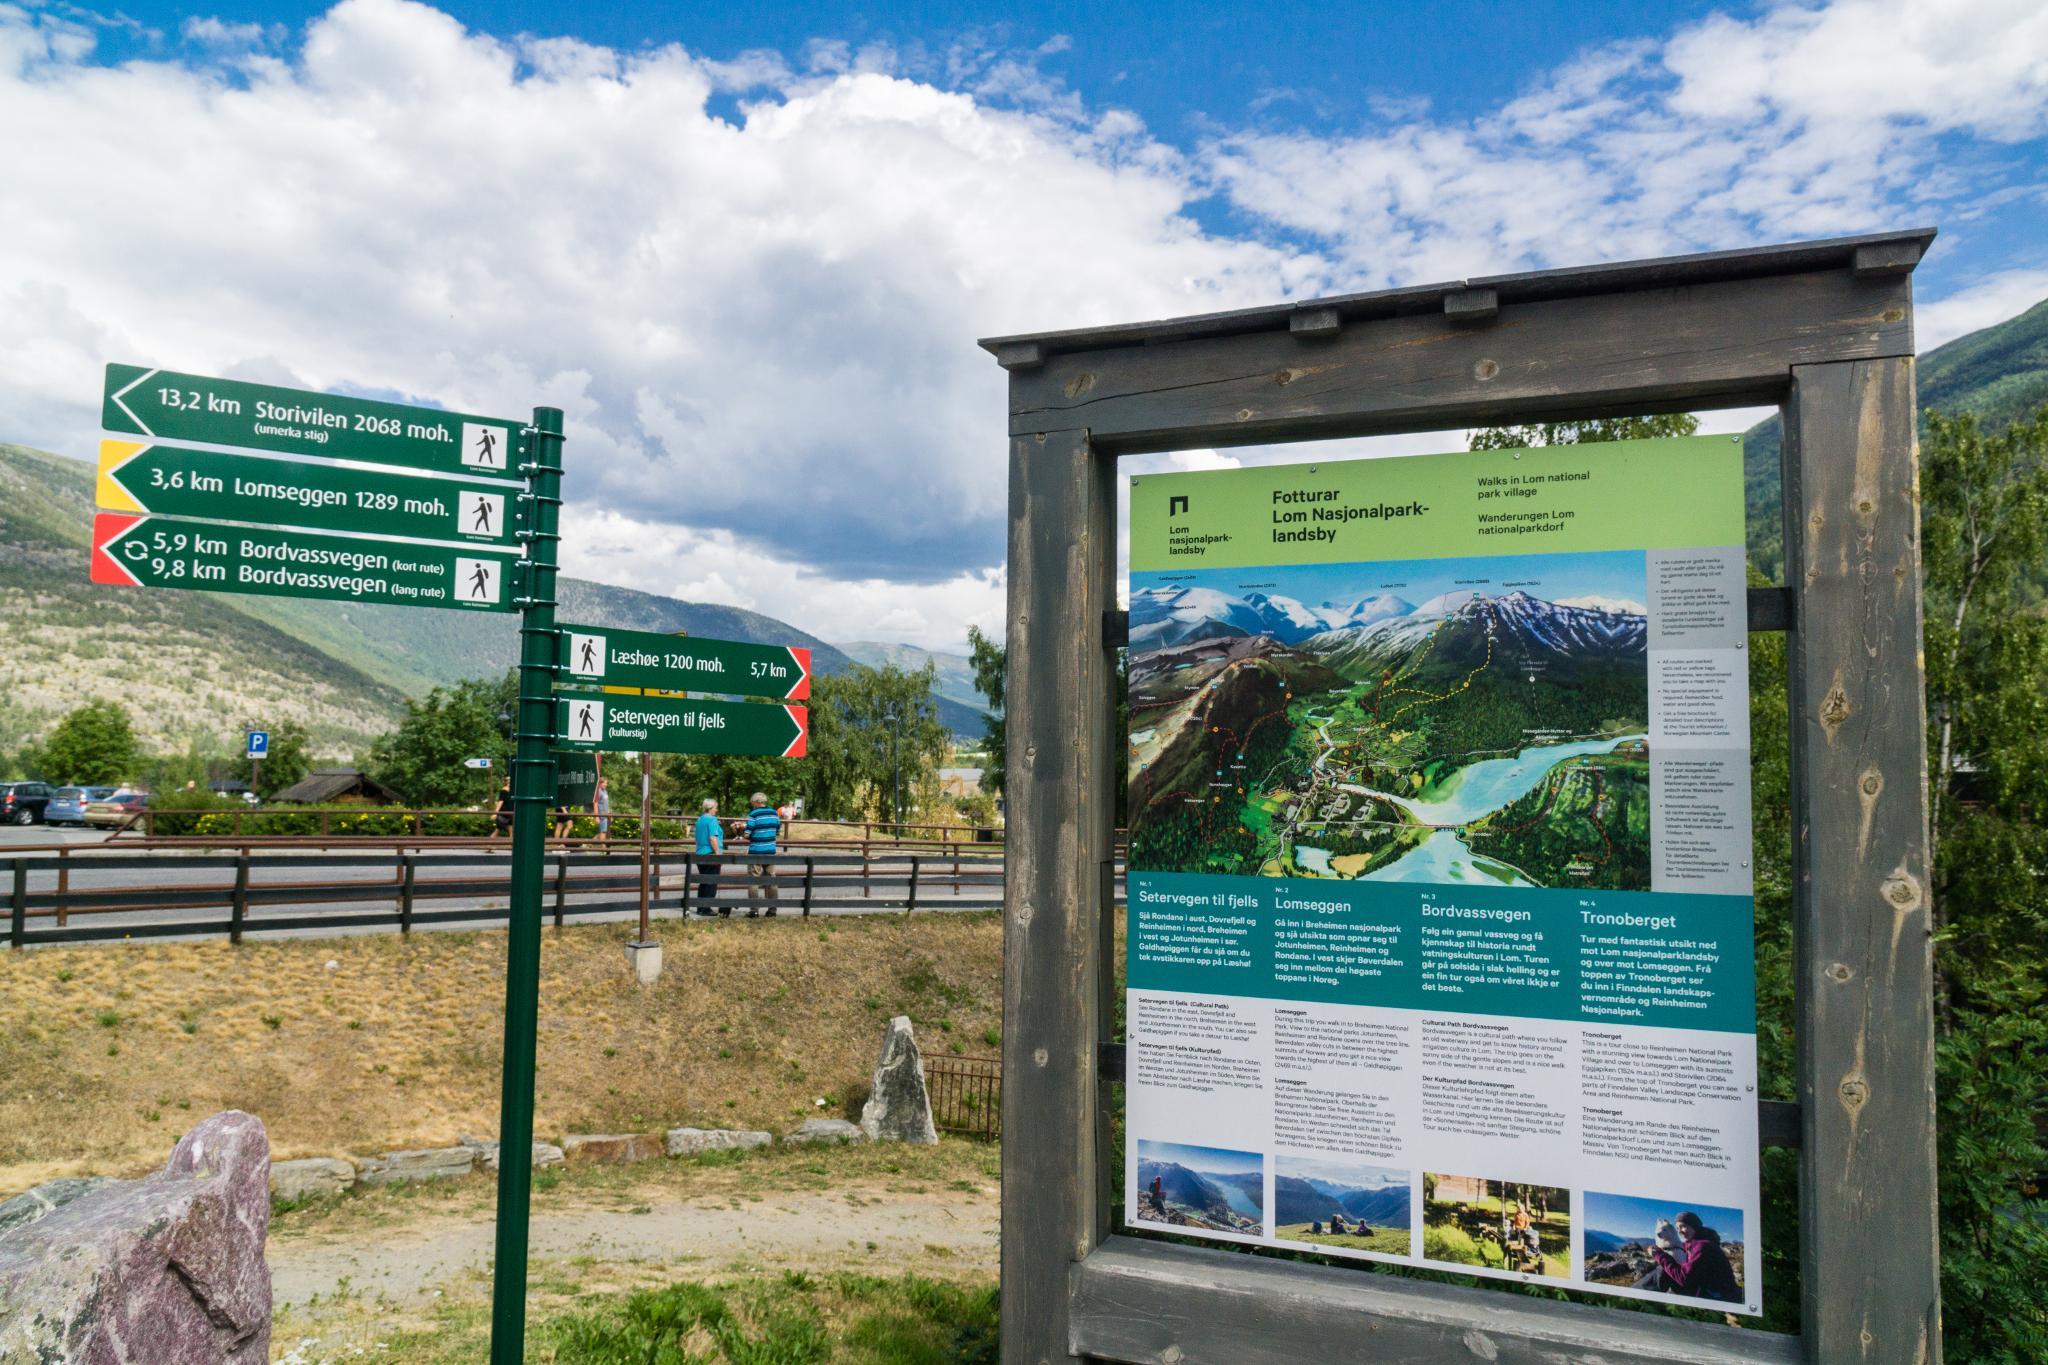 【北歐景點】穿越挪威的屋脊 - 前進北歐最美的冰原景觀公路 Fv55松恩山路 (Sognefjellet) 14